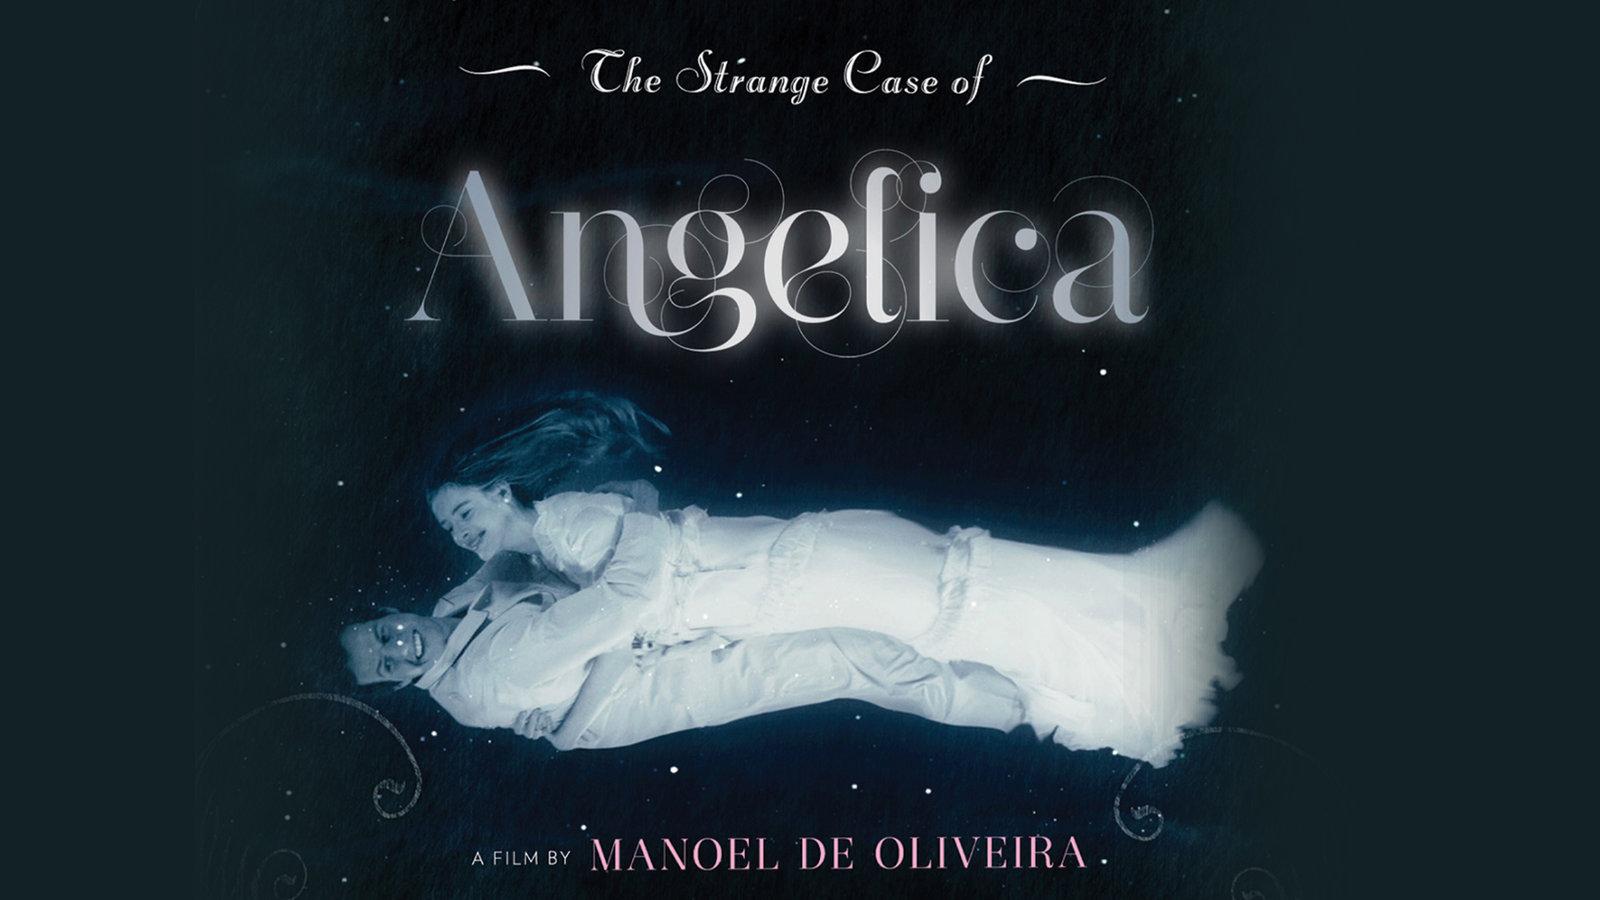 The Strange Case of Angelica - O Estranho Caso de Angélica